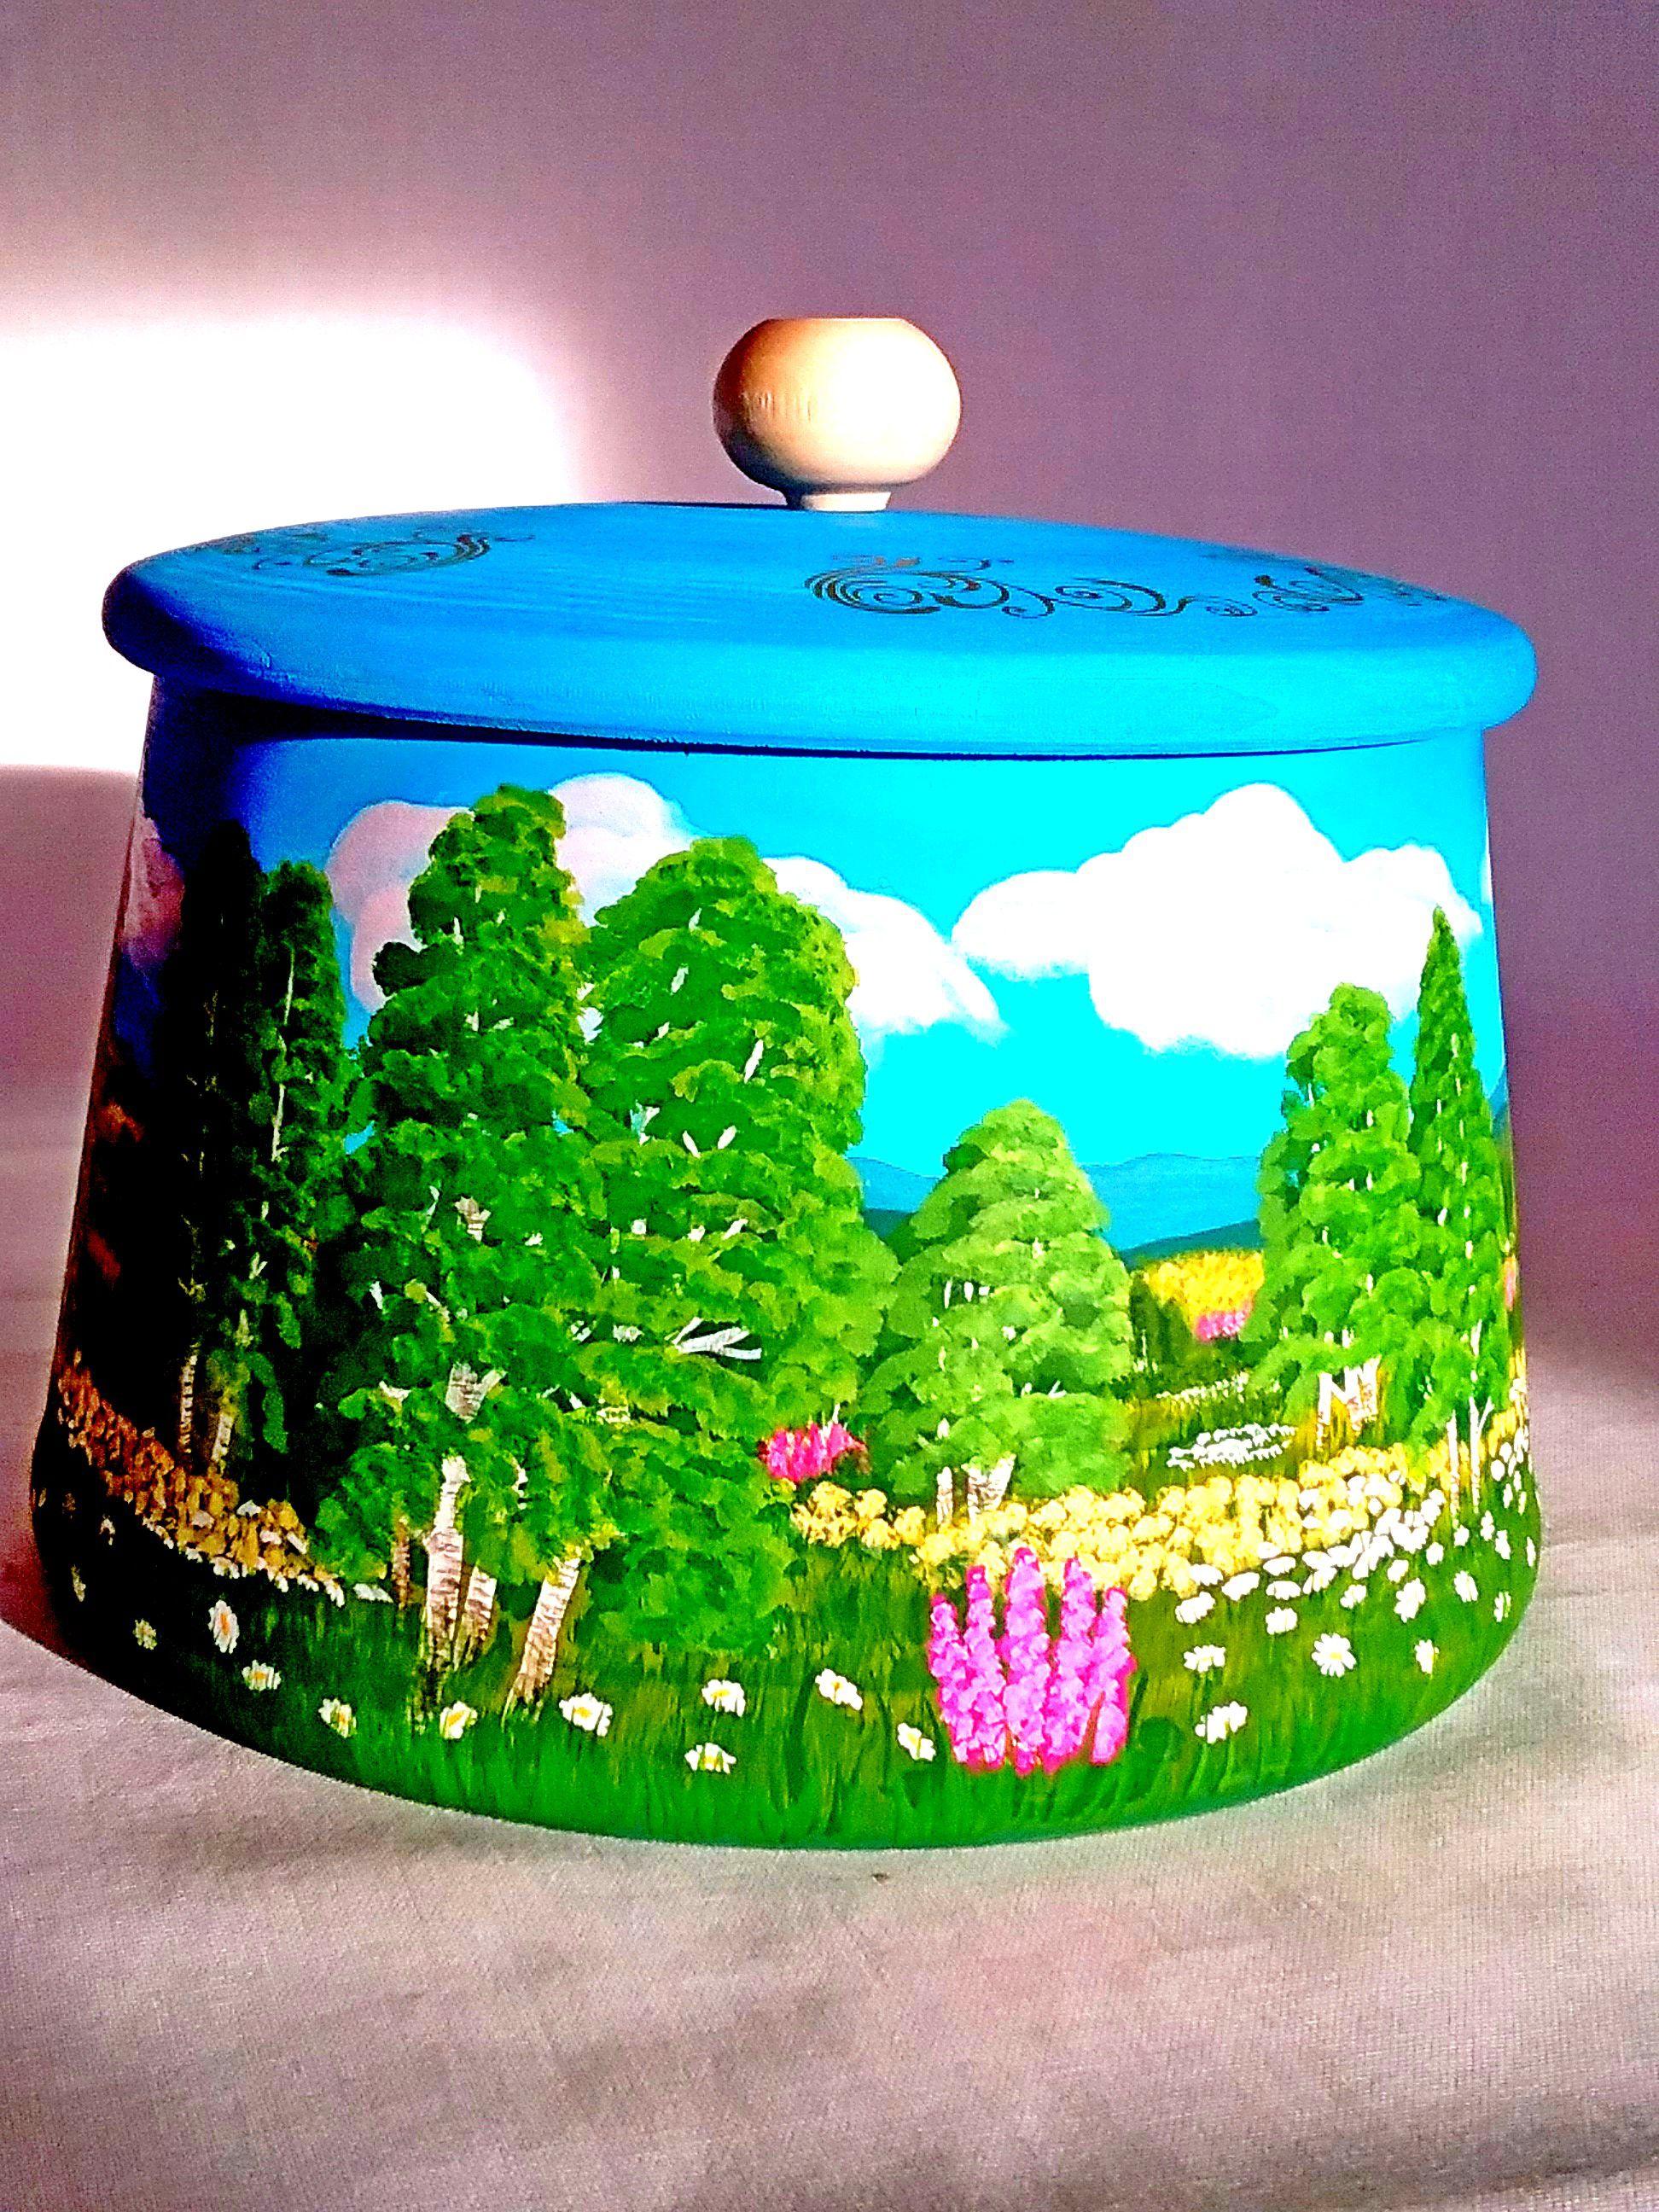 подарок емкость подарокручнойработы посуда сувенир сувениры сувенирручнойработы деревянная пейзаж праздники подарки необычное